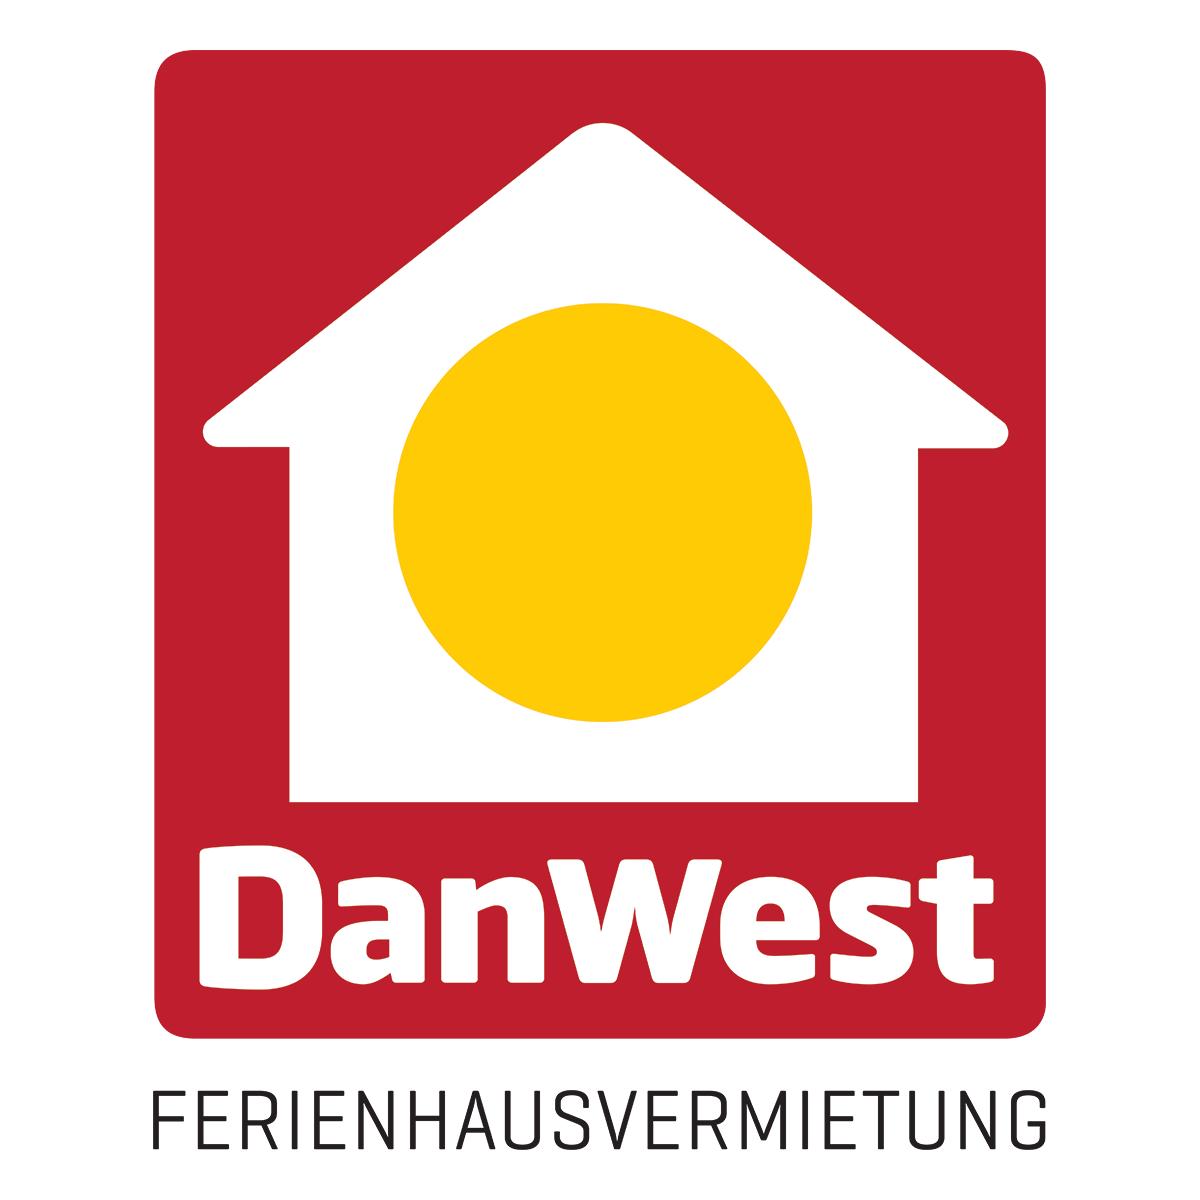 DanWest Ferienhausvermietung